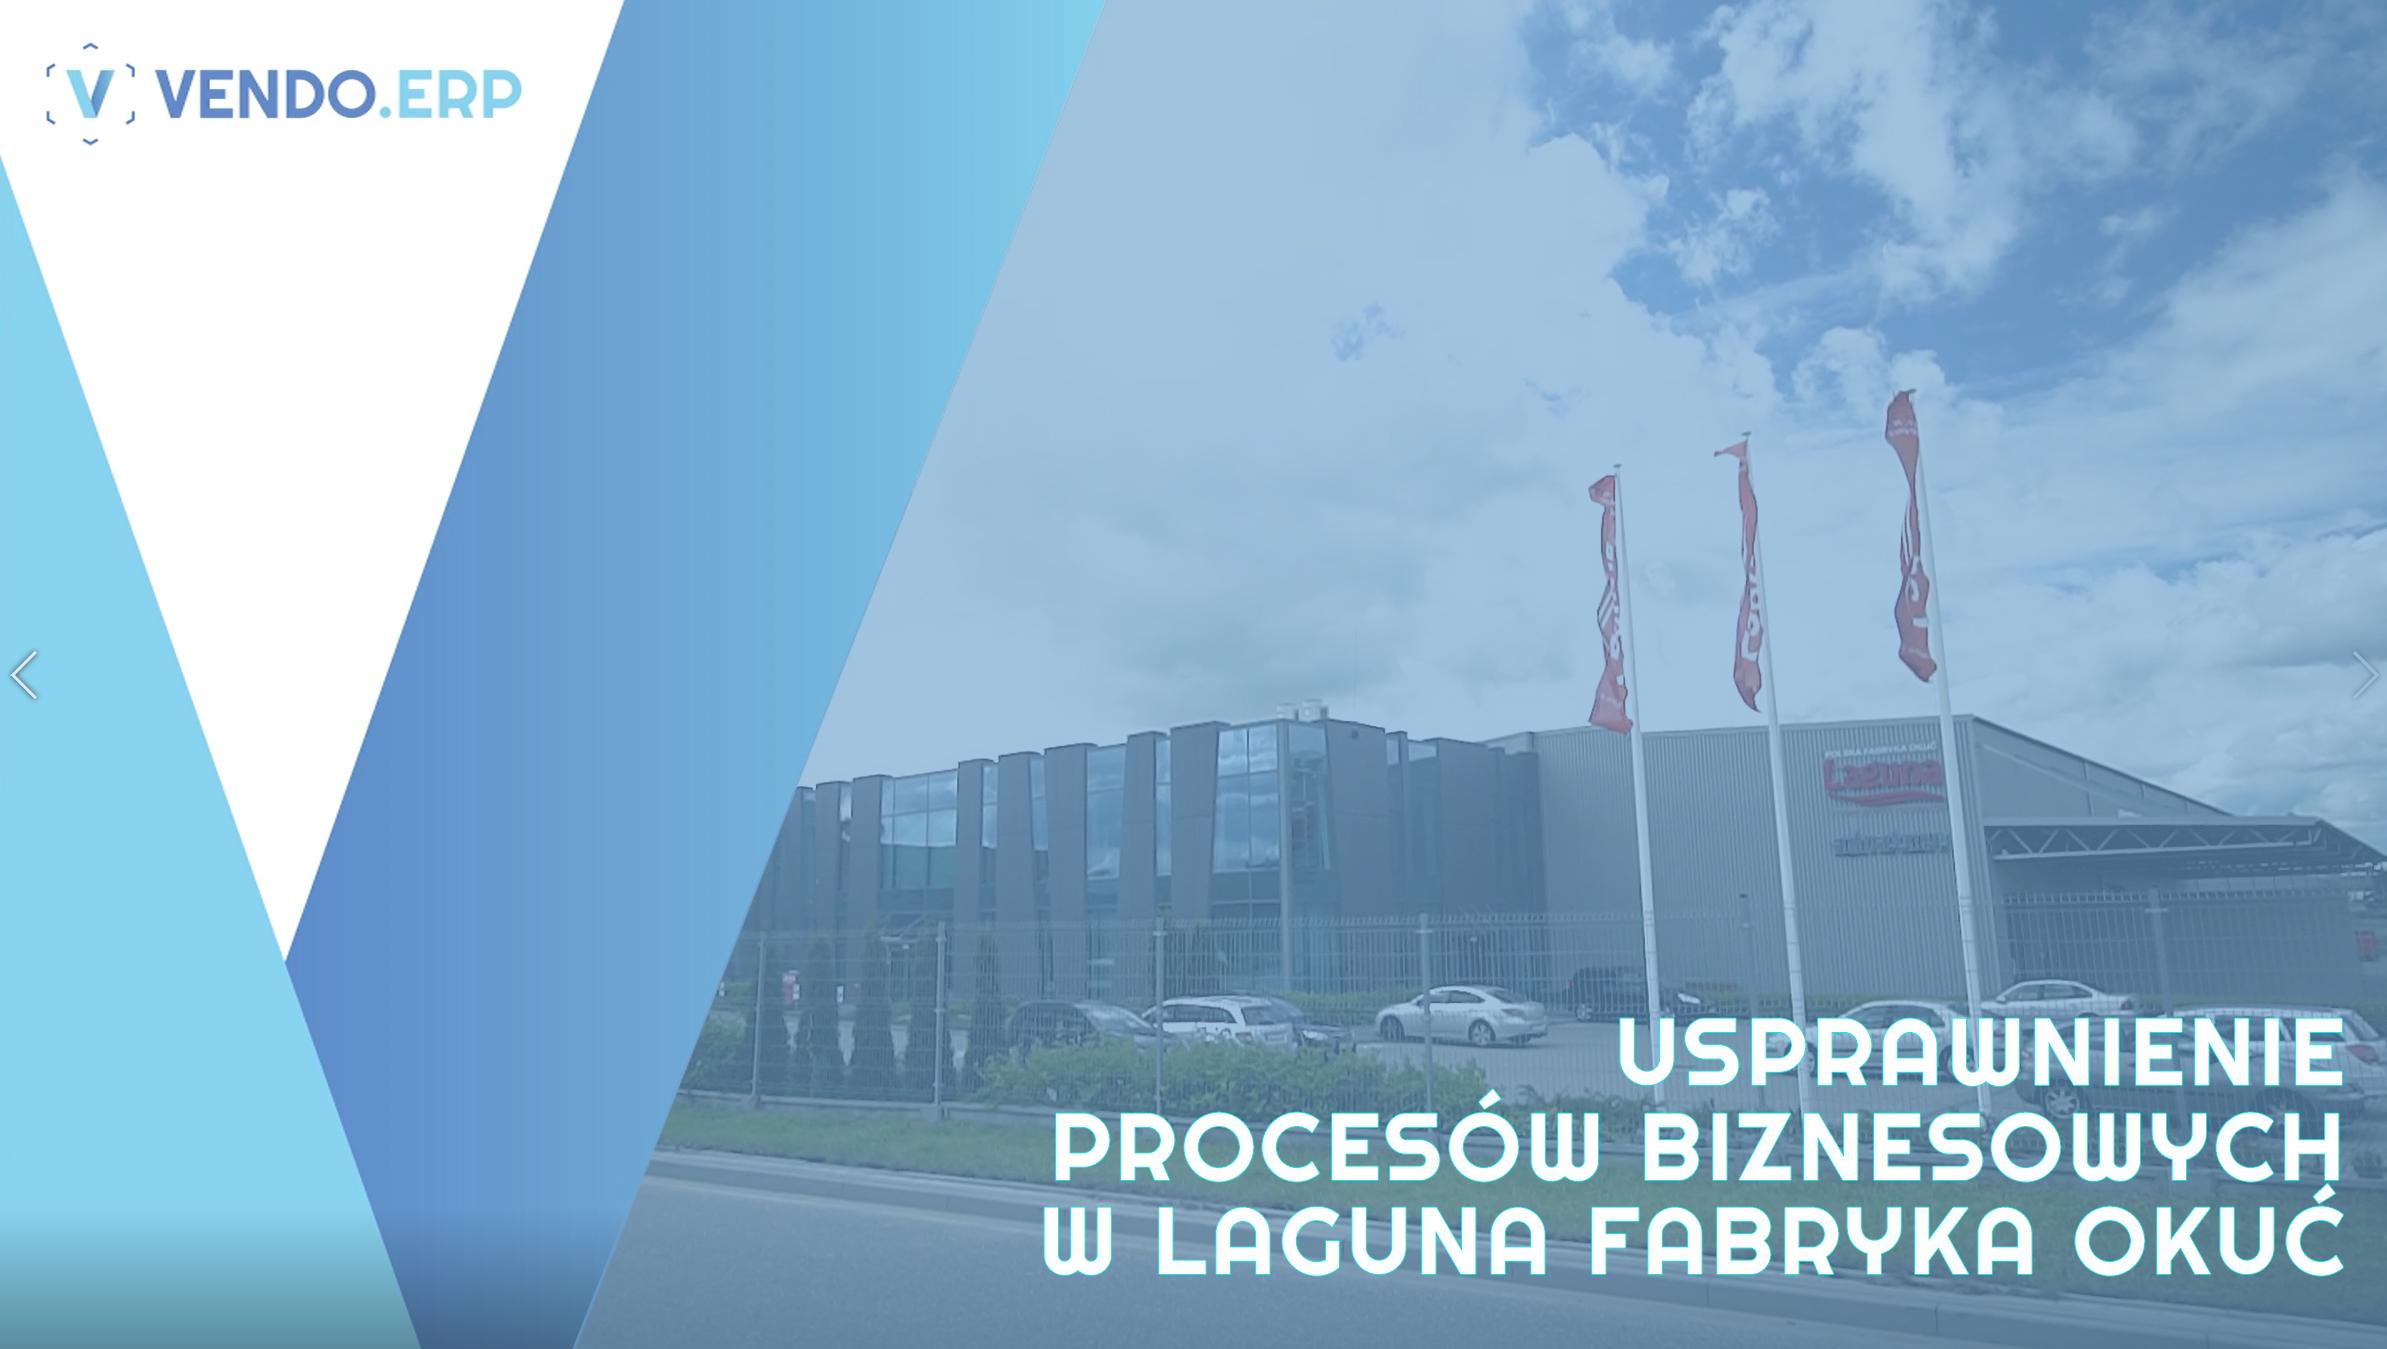 Usprawnienie procesów biznesowych w Laguna Fabryka Okuć Meblowych dzięki VENDO.ERP